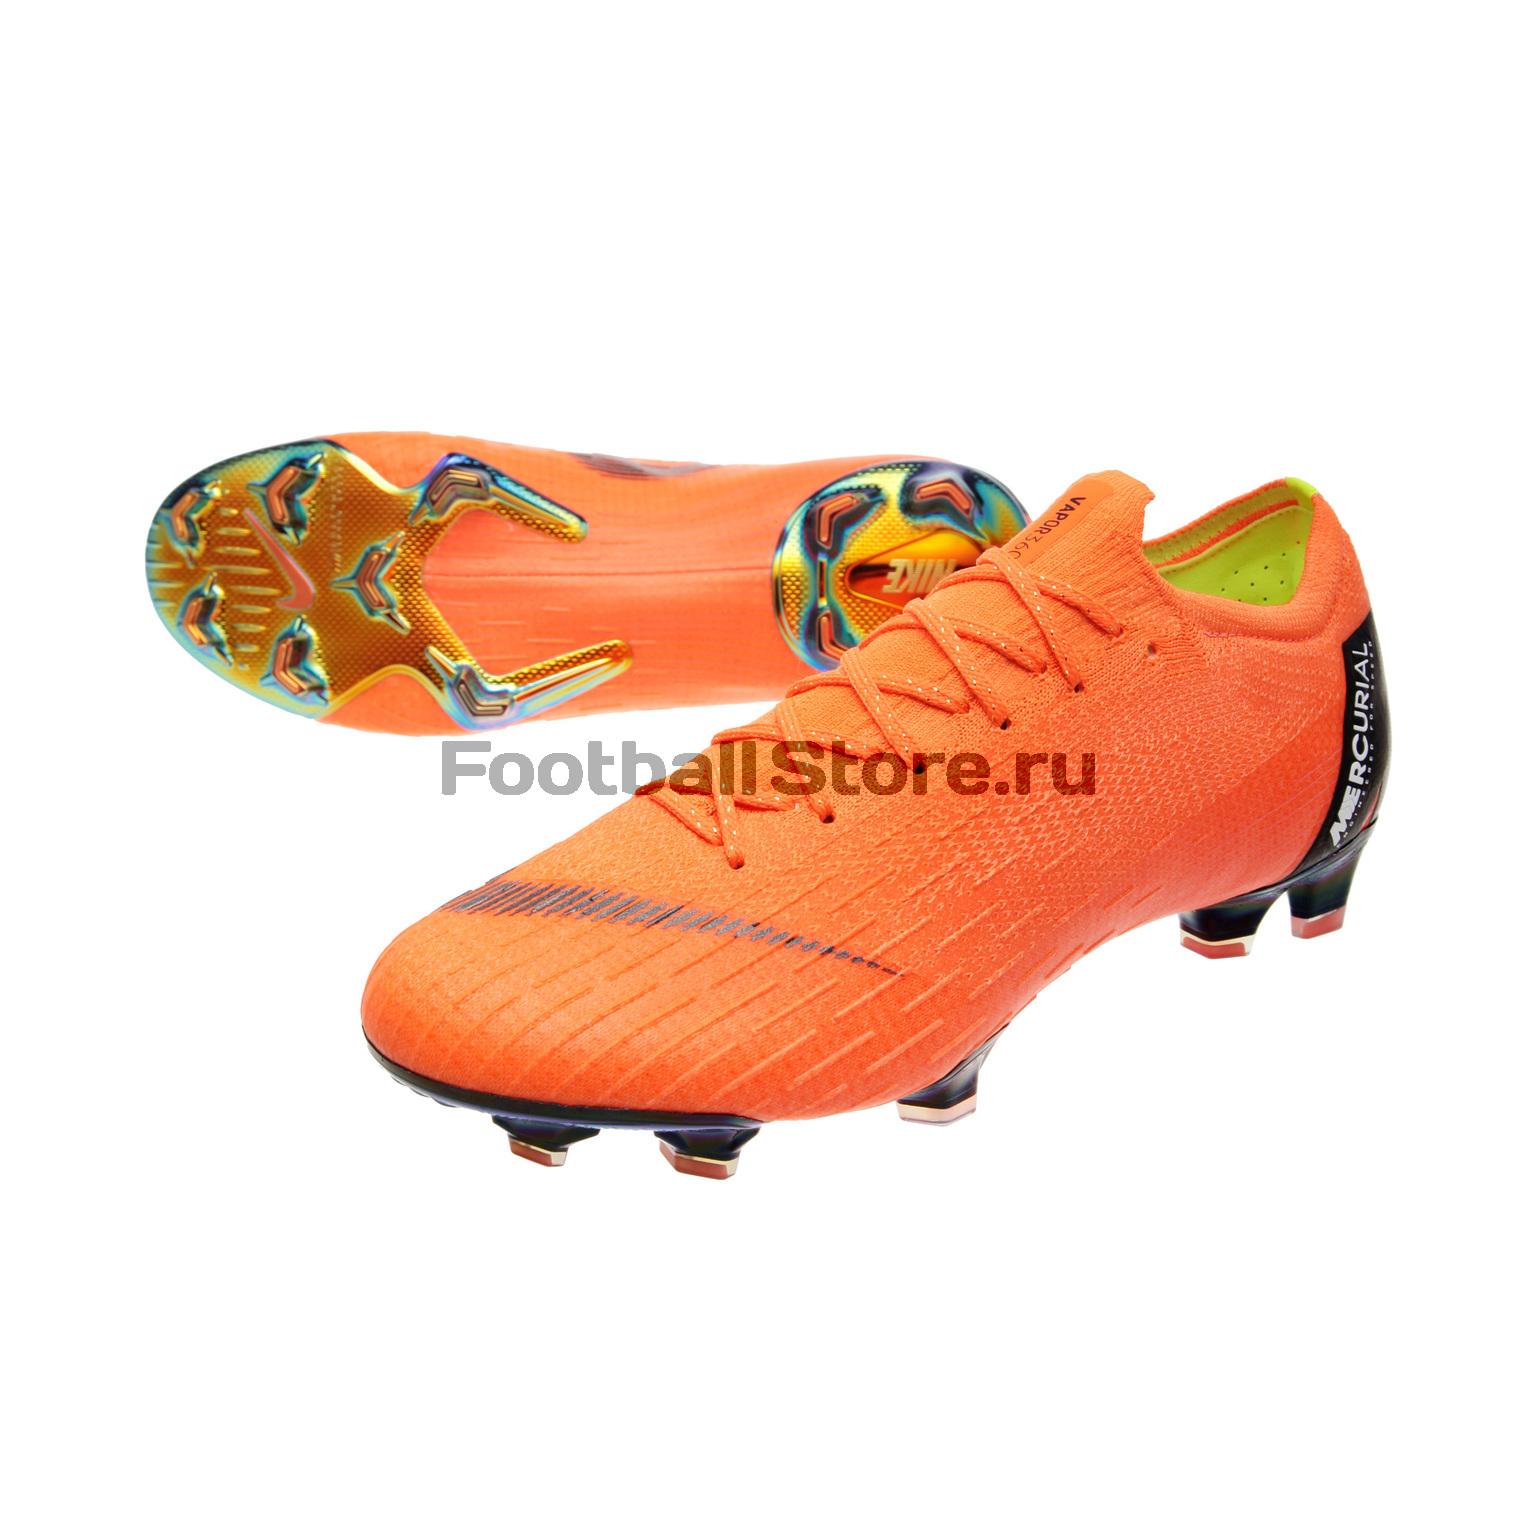 6385ec641 Бутсы Nike Vapor 12 Elite FG AH7380-810 – купить бутсы в интернет ...